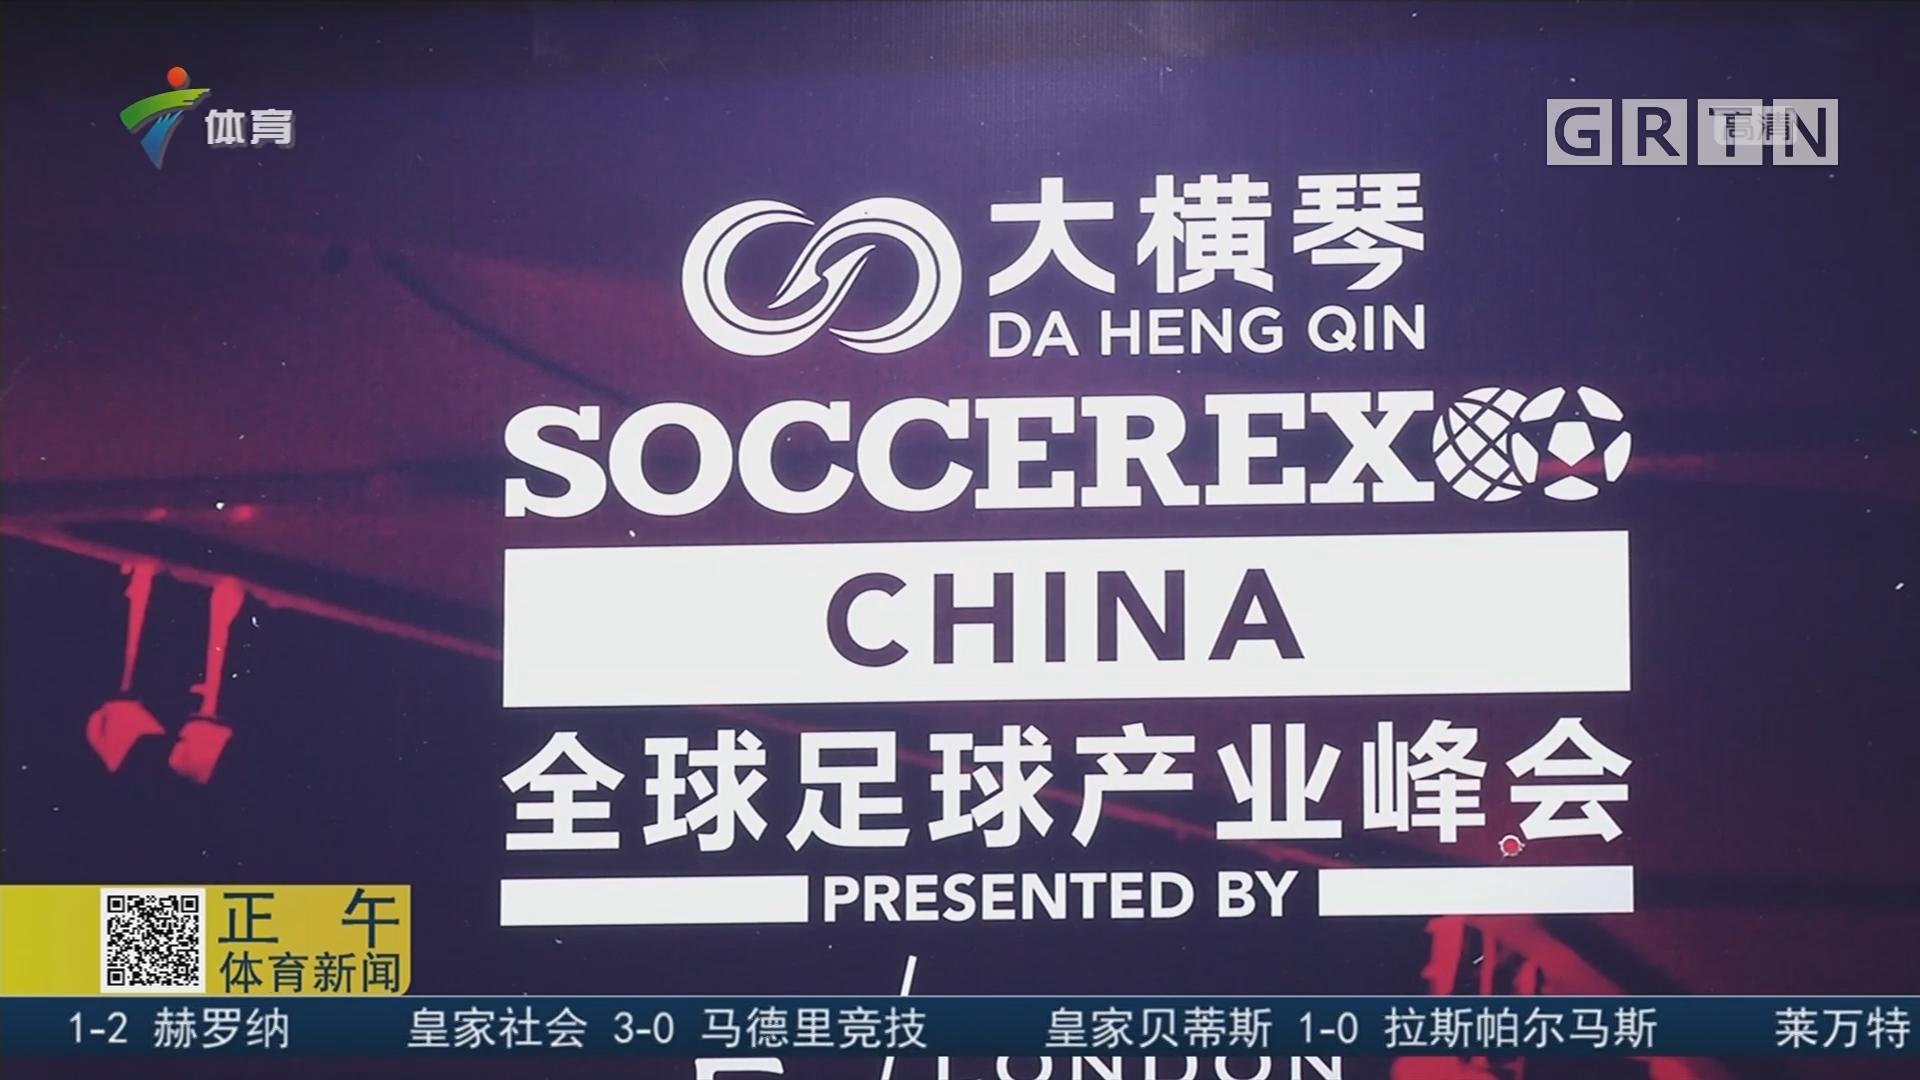 集各方之力 聚众人之智 中国足球发展揭开新篇章